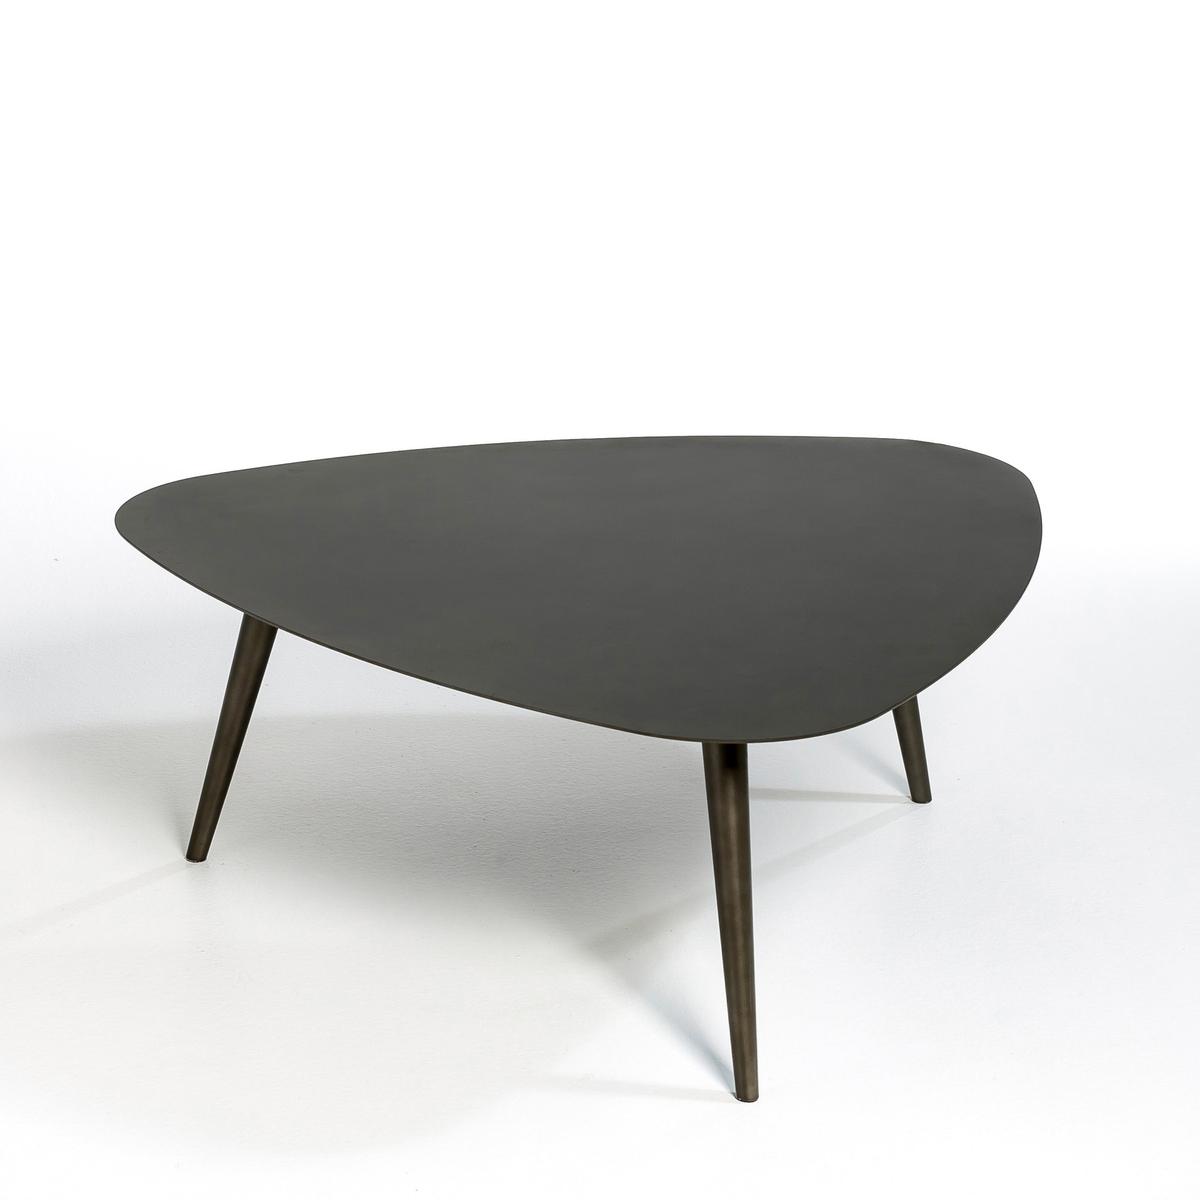 Столик журнальный Théoleine, маленькая модель roomble столик бревно большой